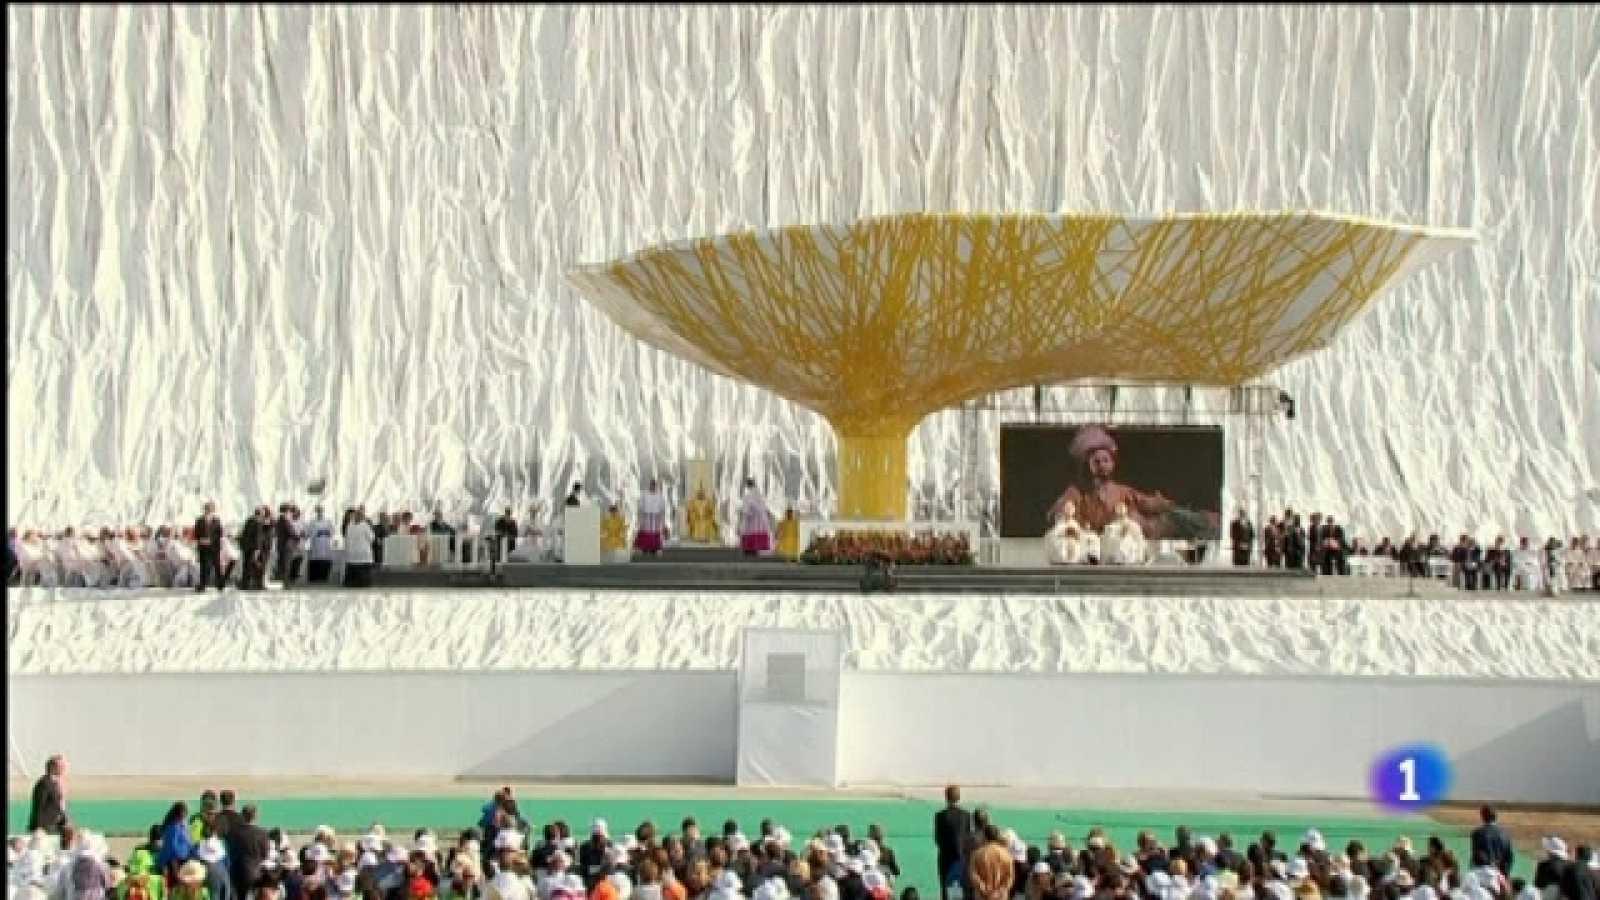 El día del señor - Especial visita S.S. el Papa Benedicto XVI - Misa desde el aeródromo de Cuatro Vientos - 21/08/11 - Primera parte -  21/08/11 - Ver ahora